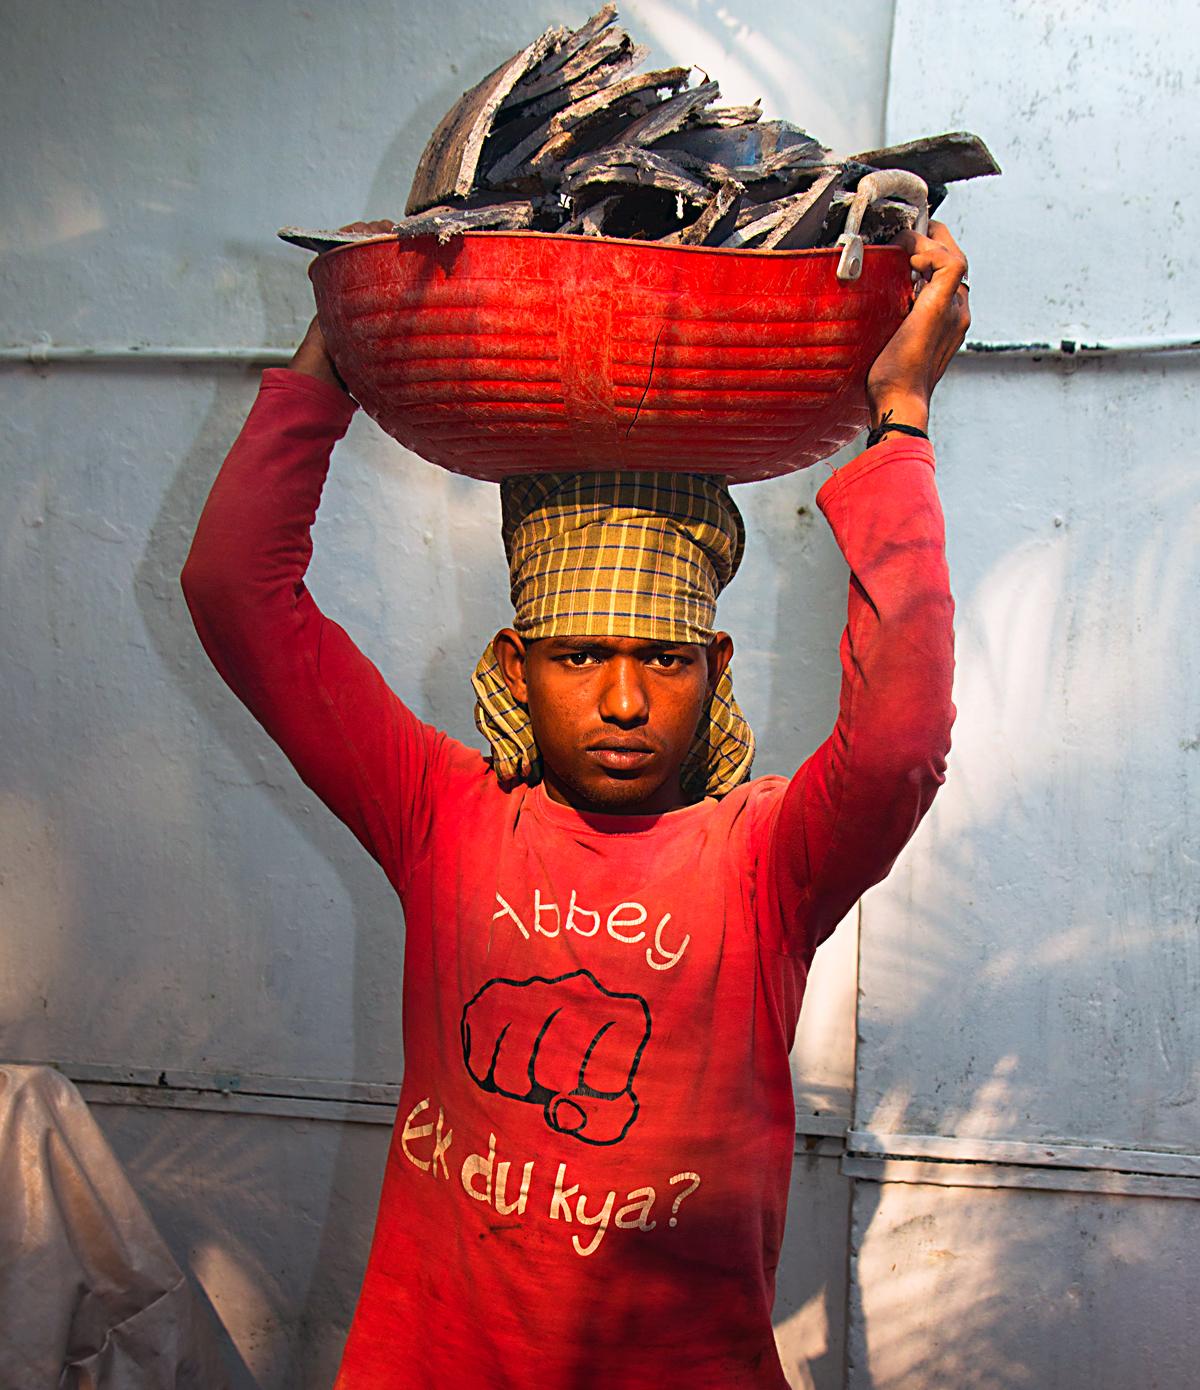 INDIEN Cochin Kerala Menschen Fischmarkt FINEST-onTour 8820.jpg